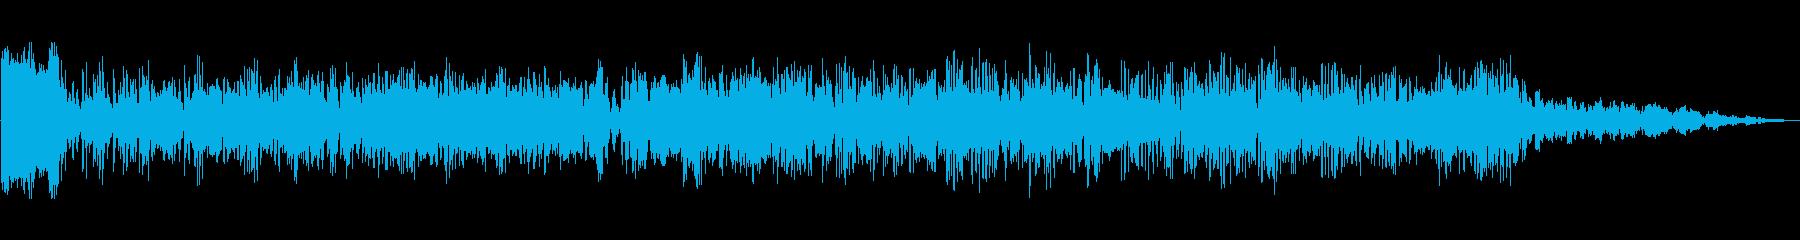 大規模攻撃の再生済みの波形